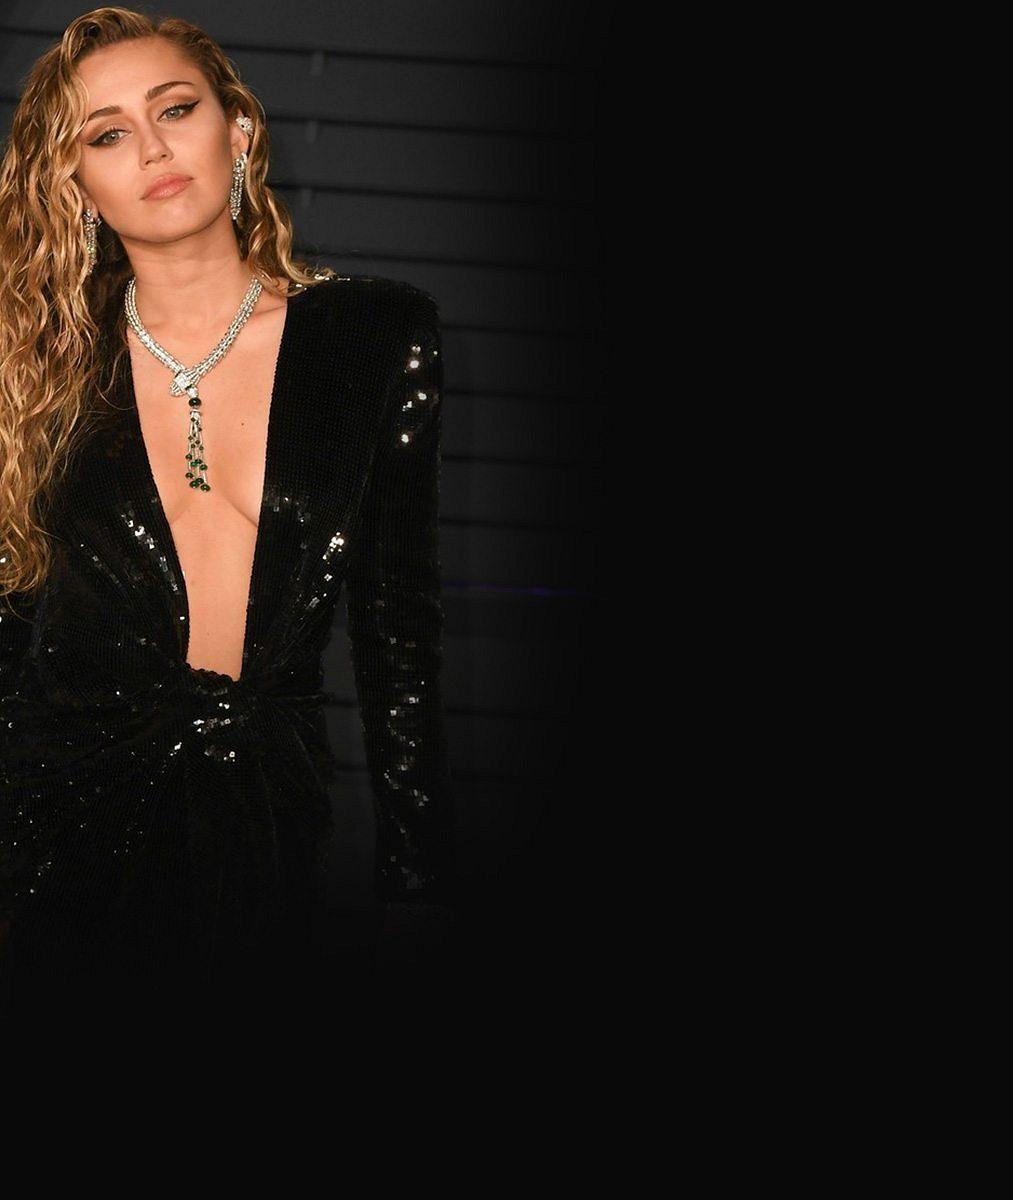 Miley Cyrus vyrazila na udílení cen oblečená neoblečená: Při vystoupení úplně zahodila spodek kostýmu